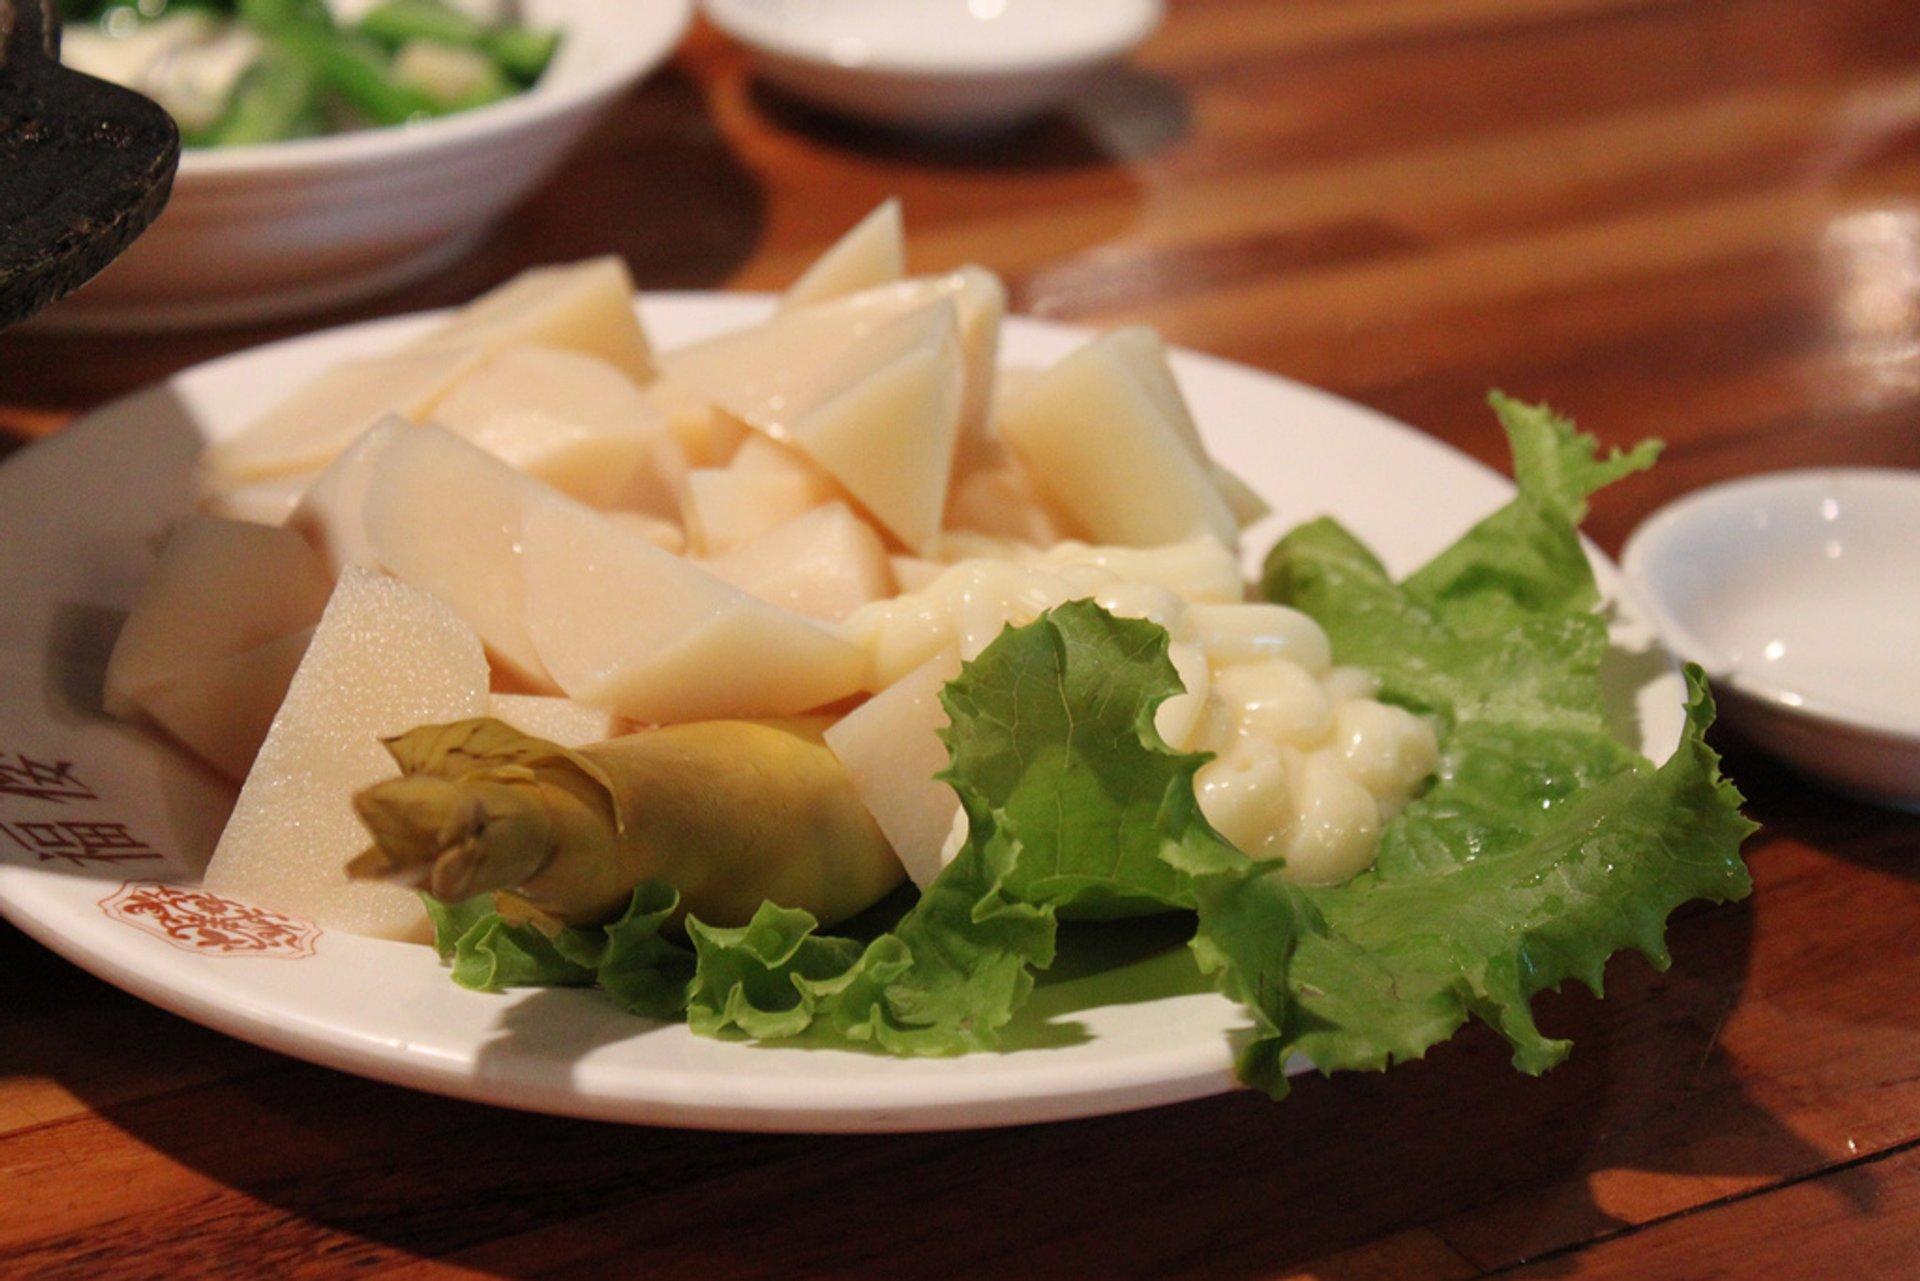 Bamboo and mayo